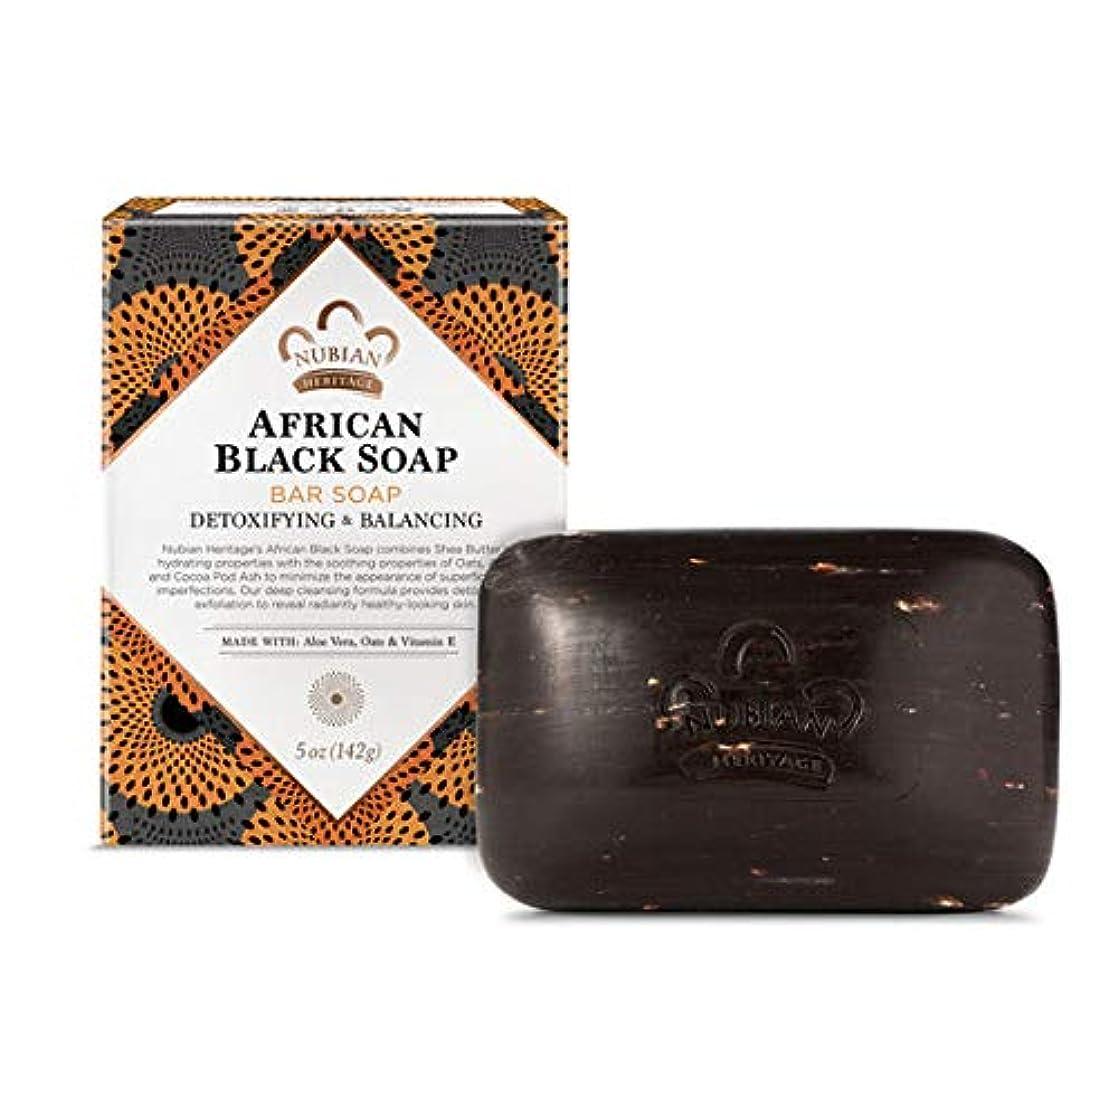 マキシムサスティーン神社ヌビアン ヘリテージ アフリカン ブラック ソープ 141g 並行輸入品 [並行輸入品]